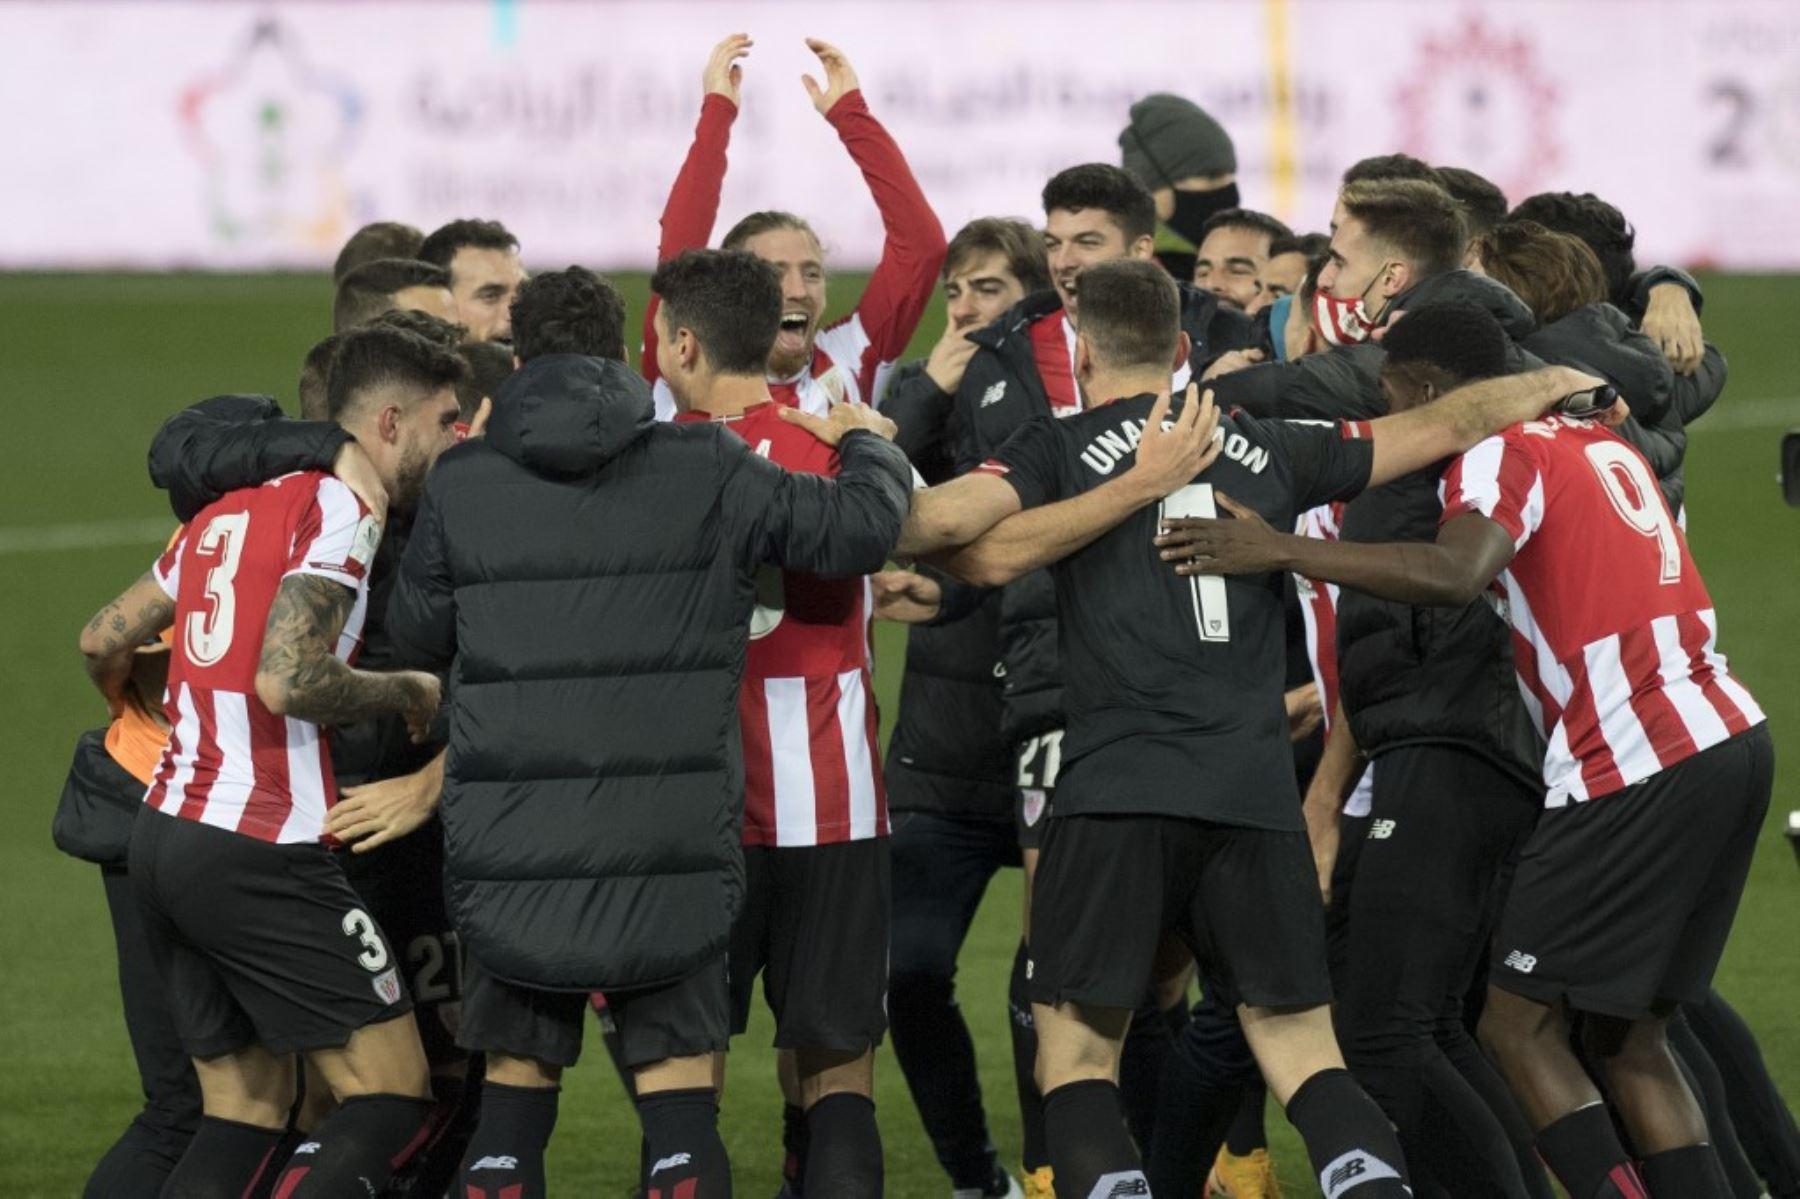 Los jugadores del Athletic de Bilbao celebran tras ganar la semifinal de la Supercopa de España ante el Real Madrid en el estadio La Rosaleda de Málaga. Foto: AFP